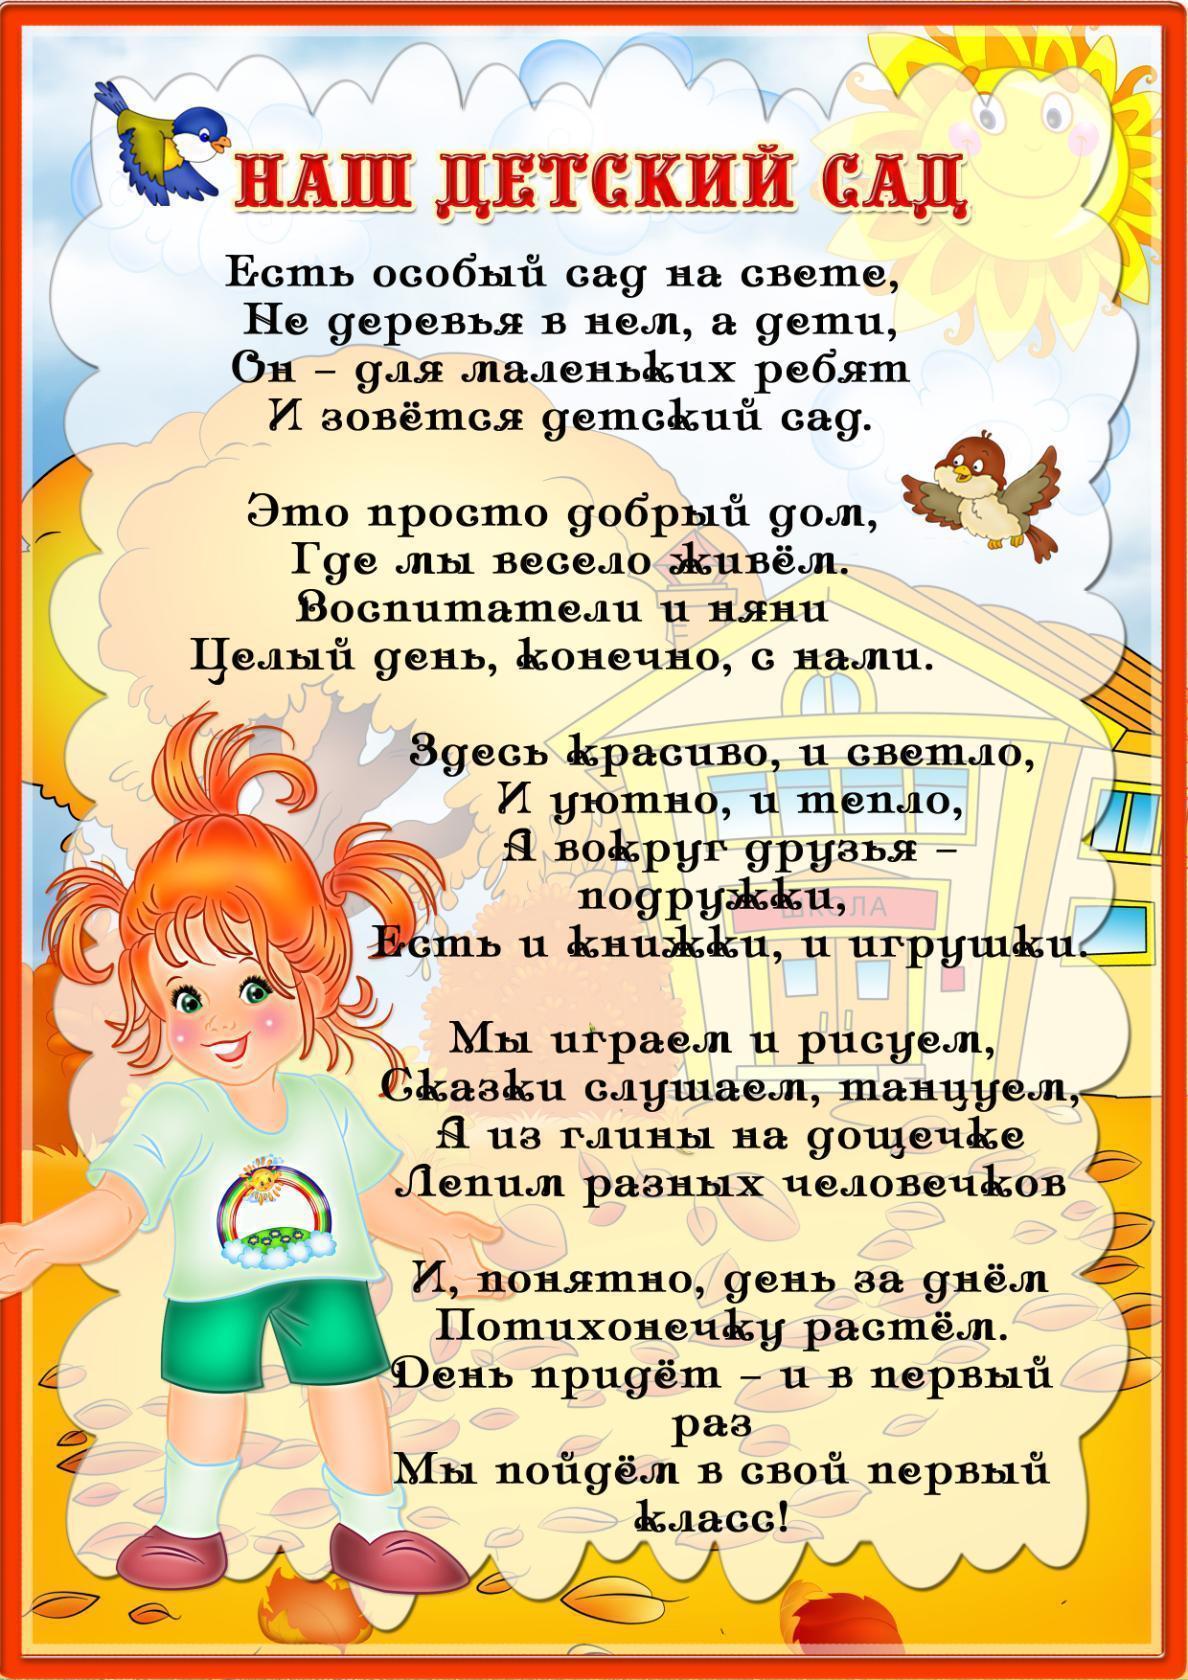 Стихи про детский сад в картинках, праздники